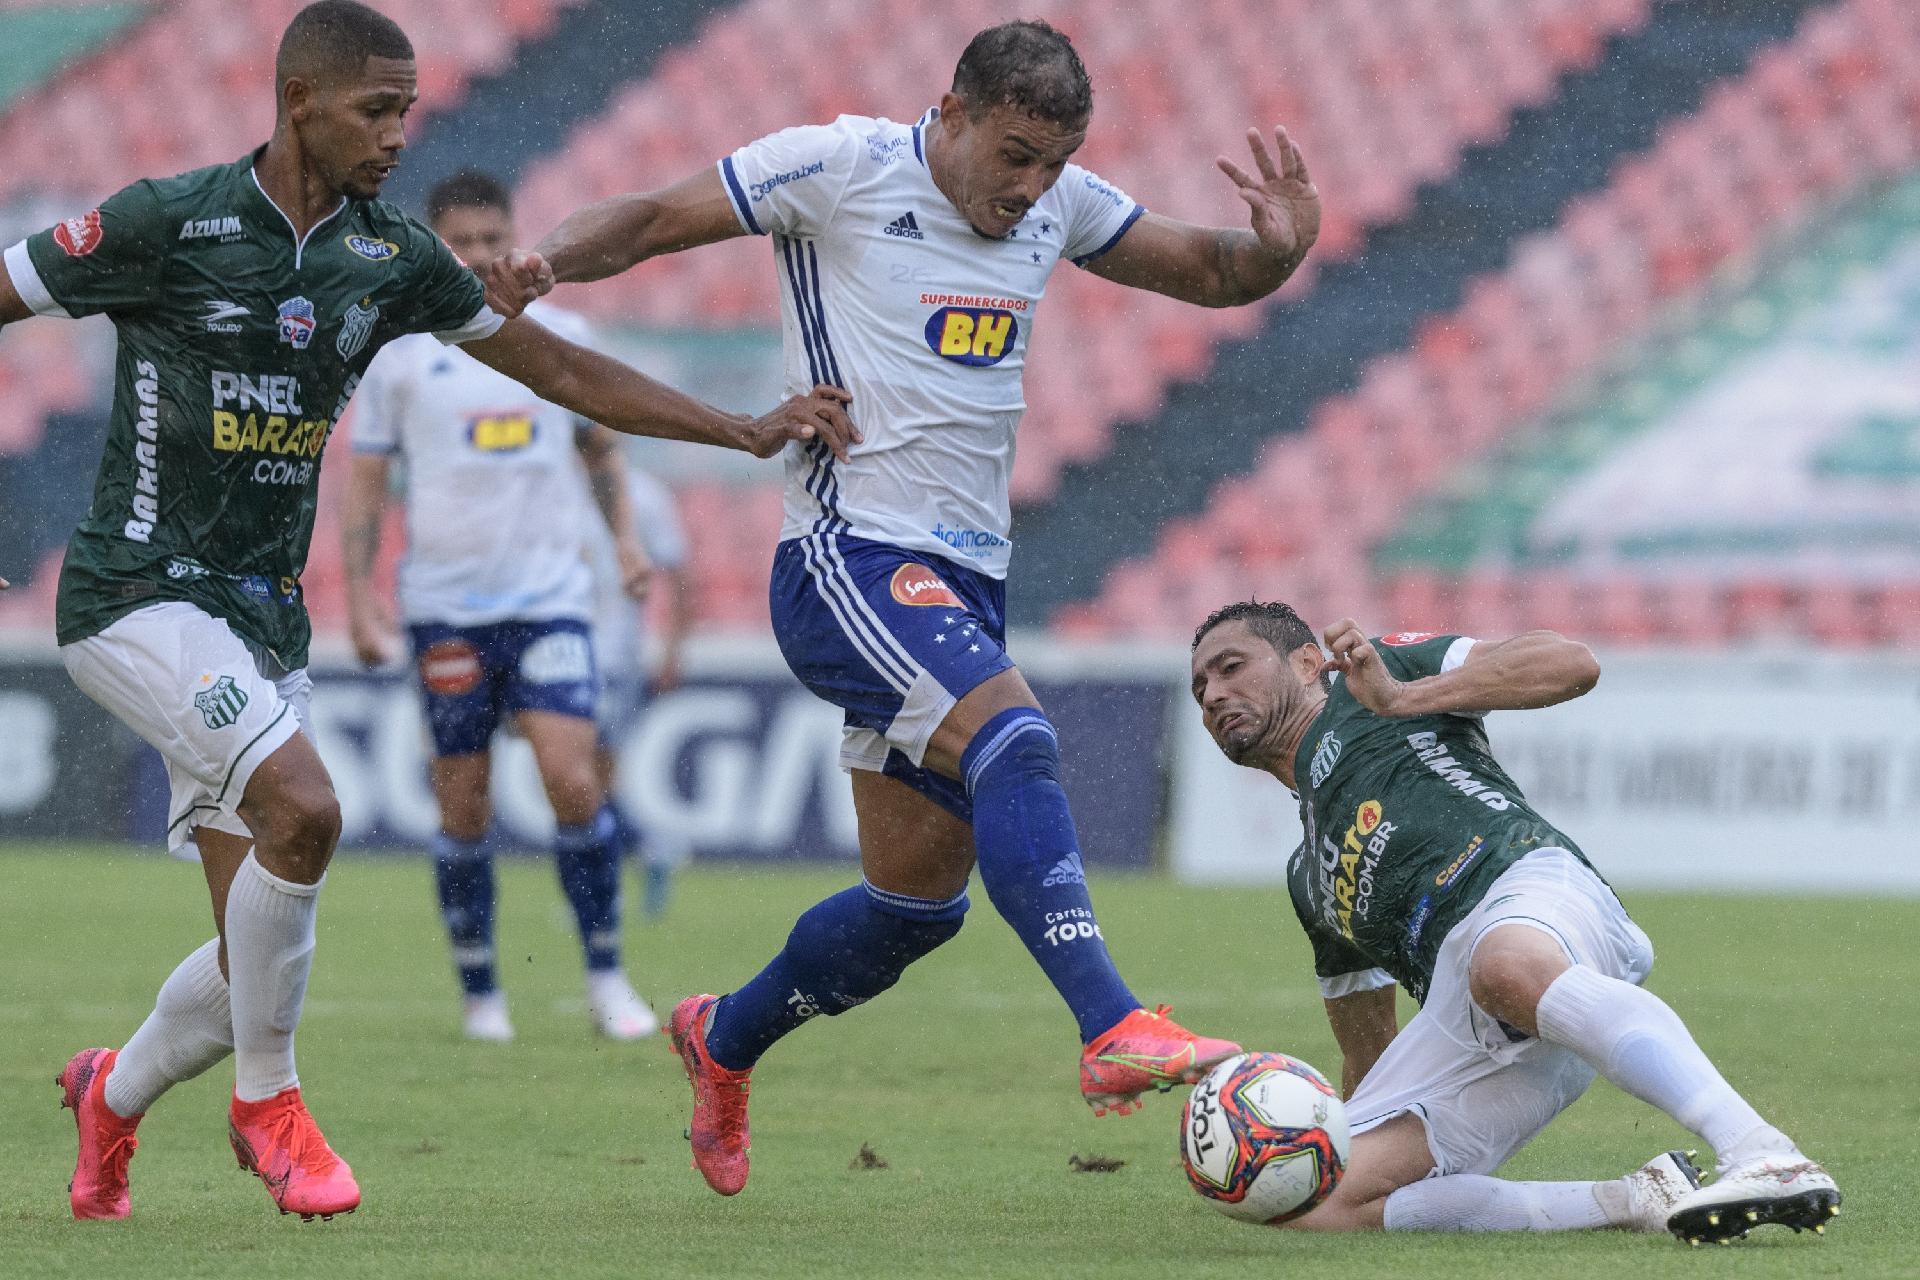 Cruzeiro Arranca Empate Com Uberlandia Na Estreia Pelo Campeonato Mineiro 27 02 2021 Uol Esporte